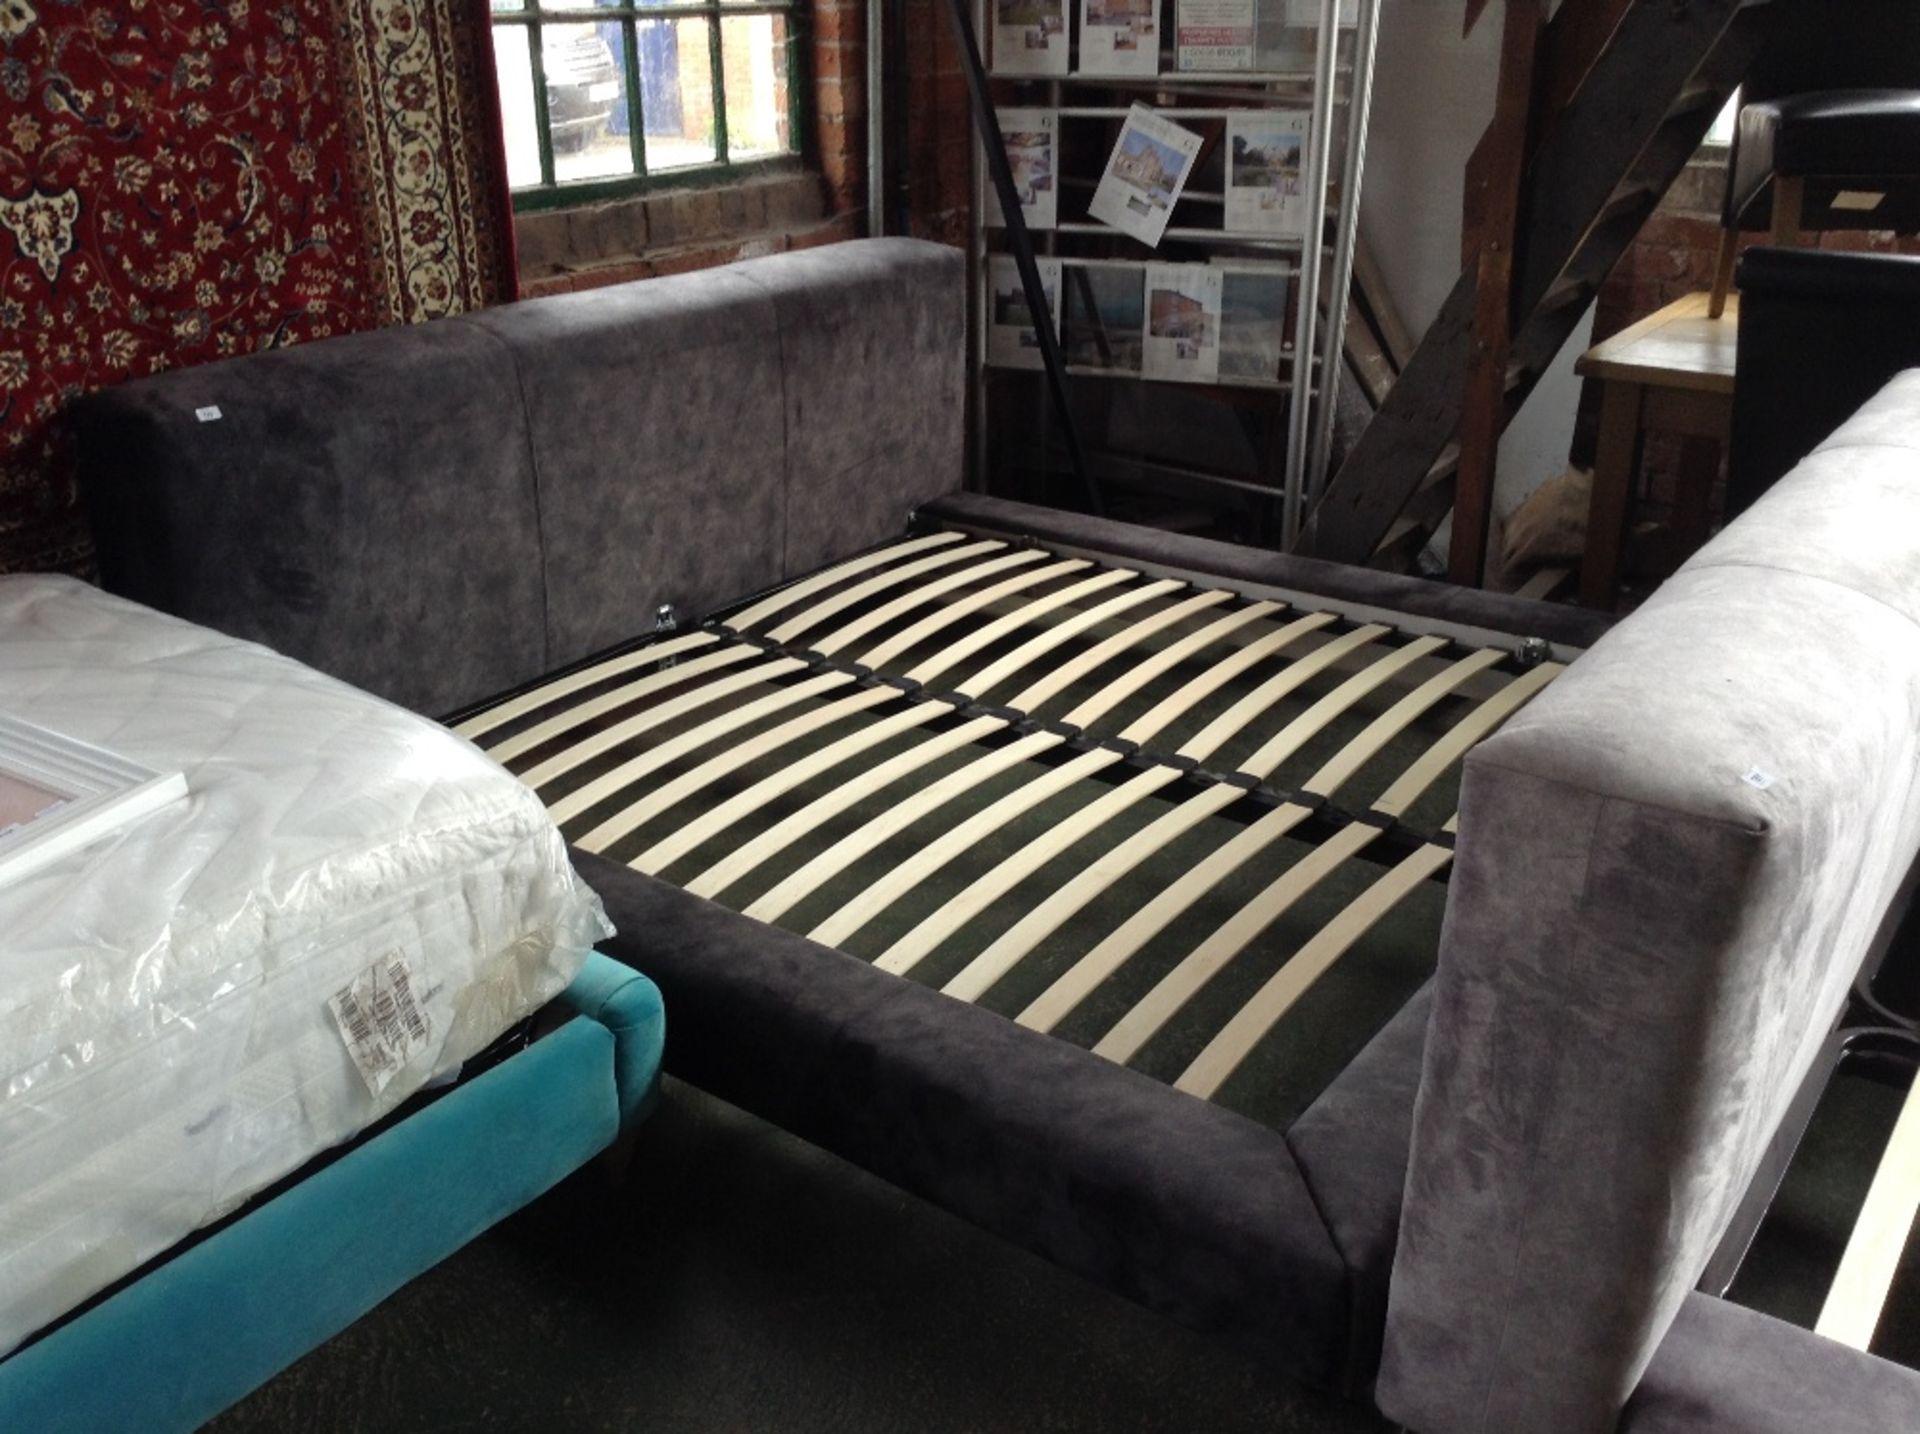 Lot 185 - CHARCOAL UPHOLSTERED 6 FT BED FRAME